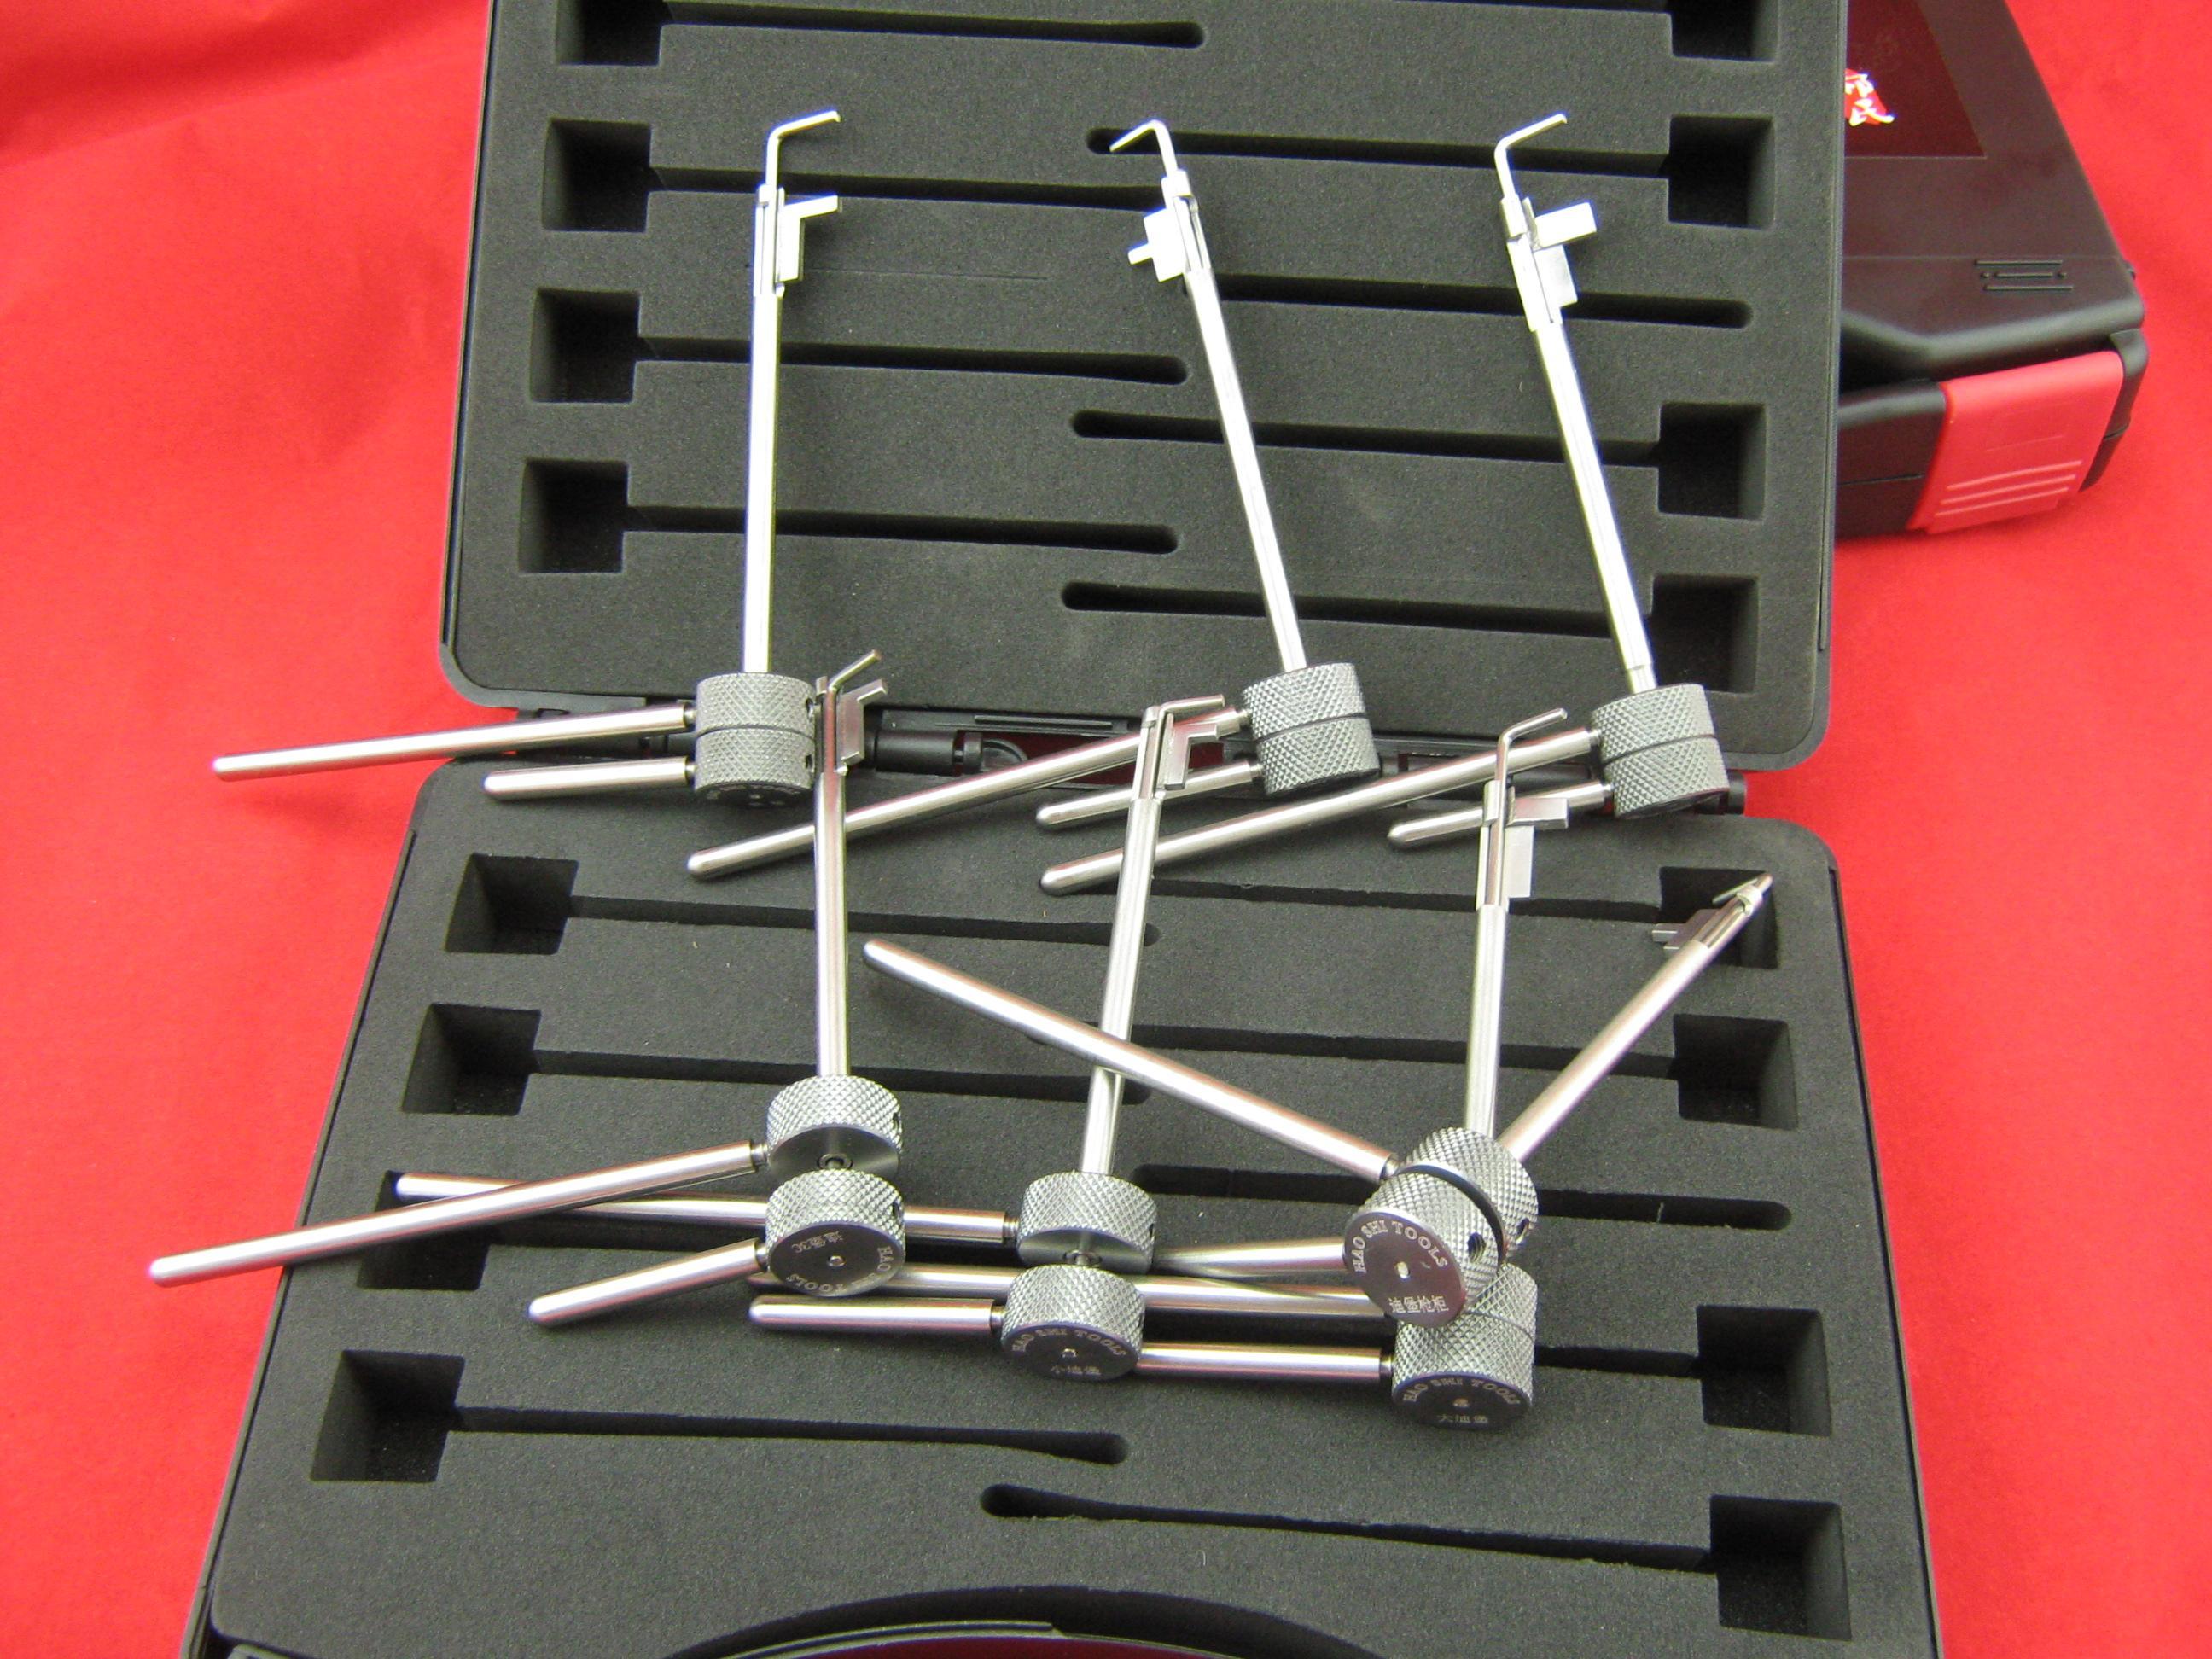 fabbro della generazione 5 il blocco del pennone Diebold, strumenti di picklock sicuro della tigre serratura selezionano gli attrezzi della serratura il fabbro